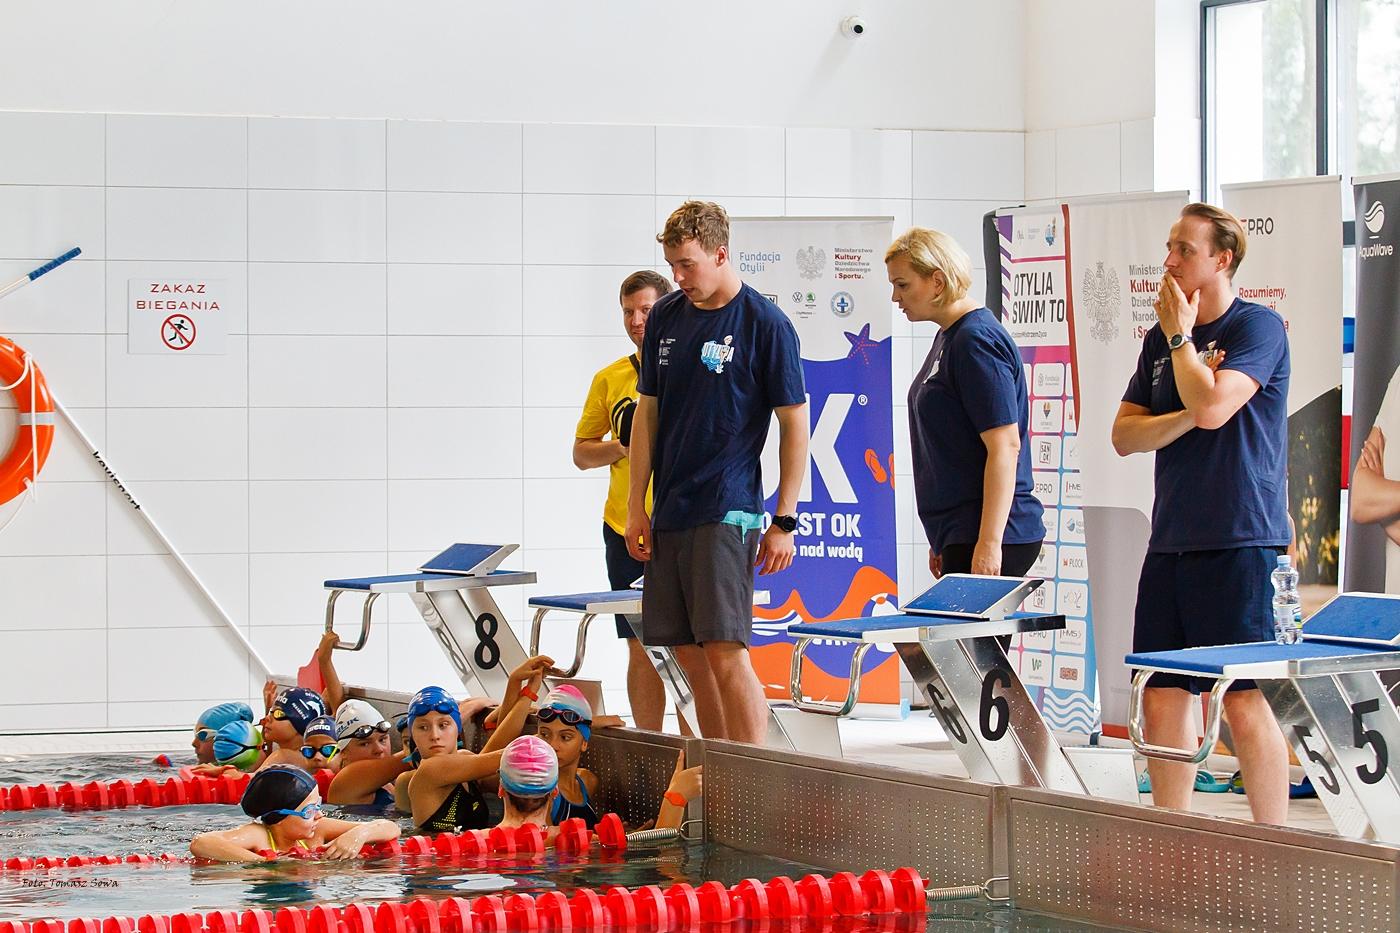 """""""Otylia Swim Tour"""" na sanockim basenie [ZDJĘCIA] - Zdjęcie główne"""